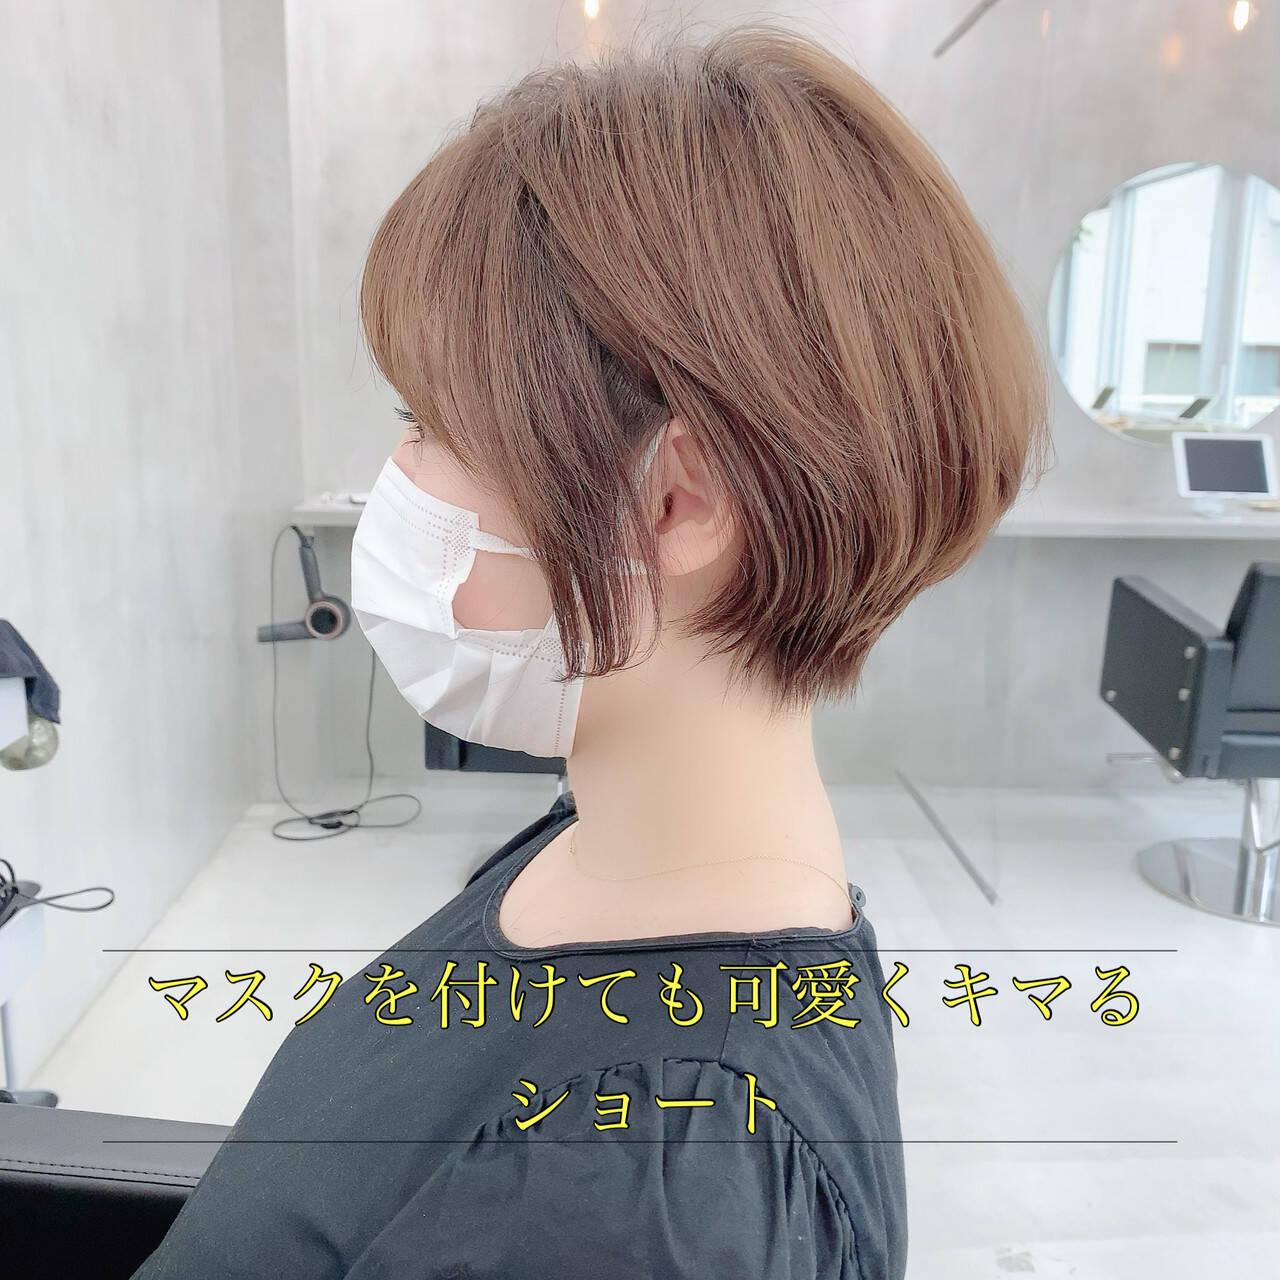 ショートヘア ショート 小顔ショート ショートボブヘアスタイルや髪型の写真・画像